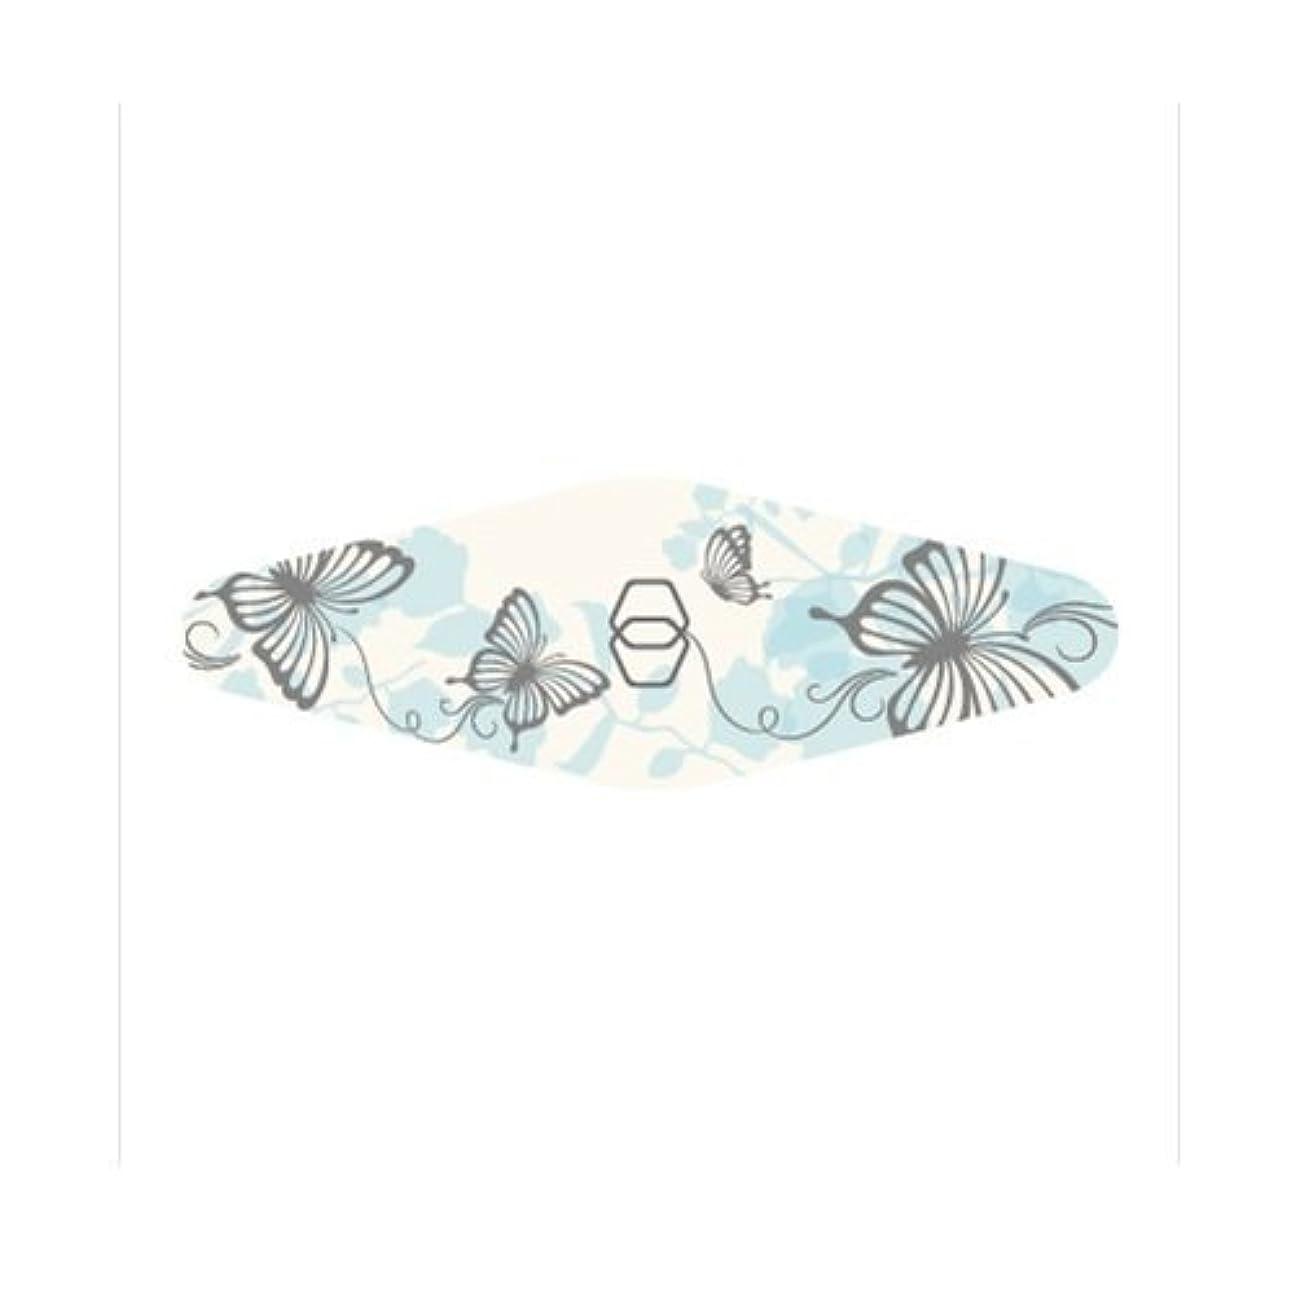 揺れるふくろう医薬品ダイヤモンドネイルファイル キャリー ブルー蝶々